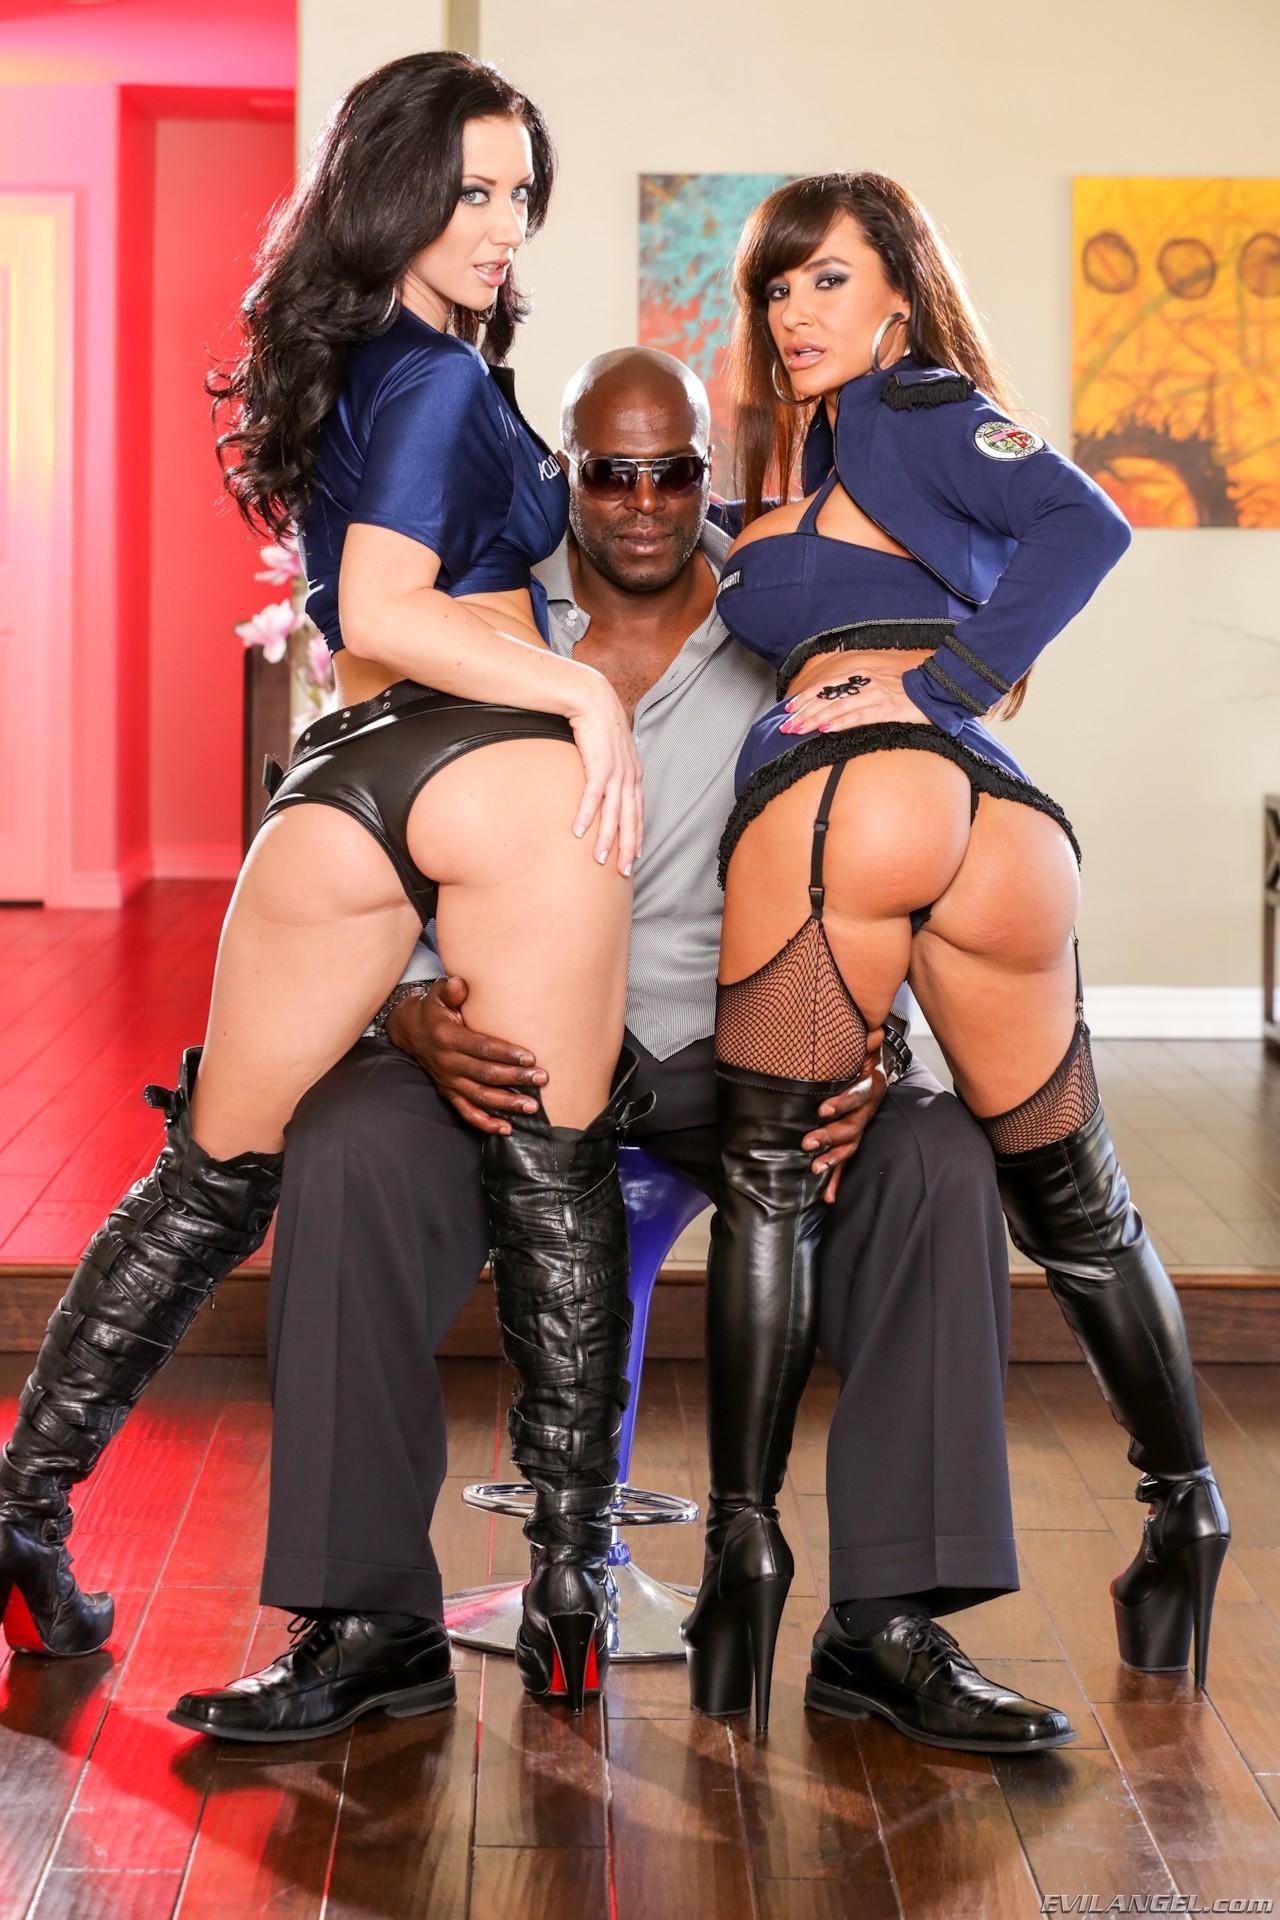 Lisa Ann Kendra Lust Threesome